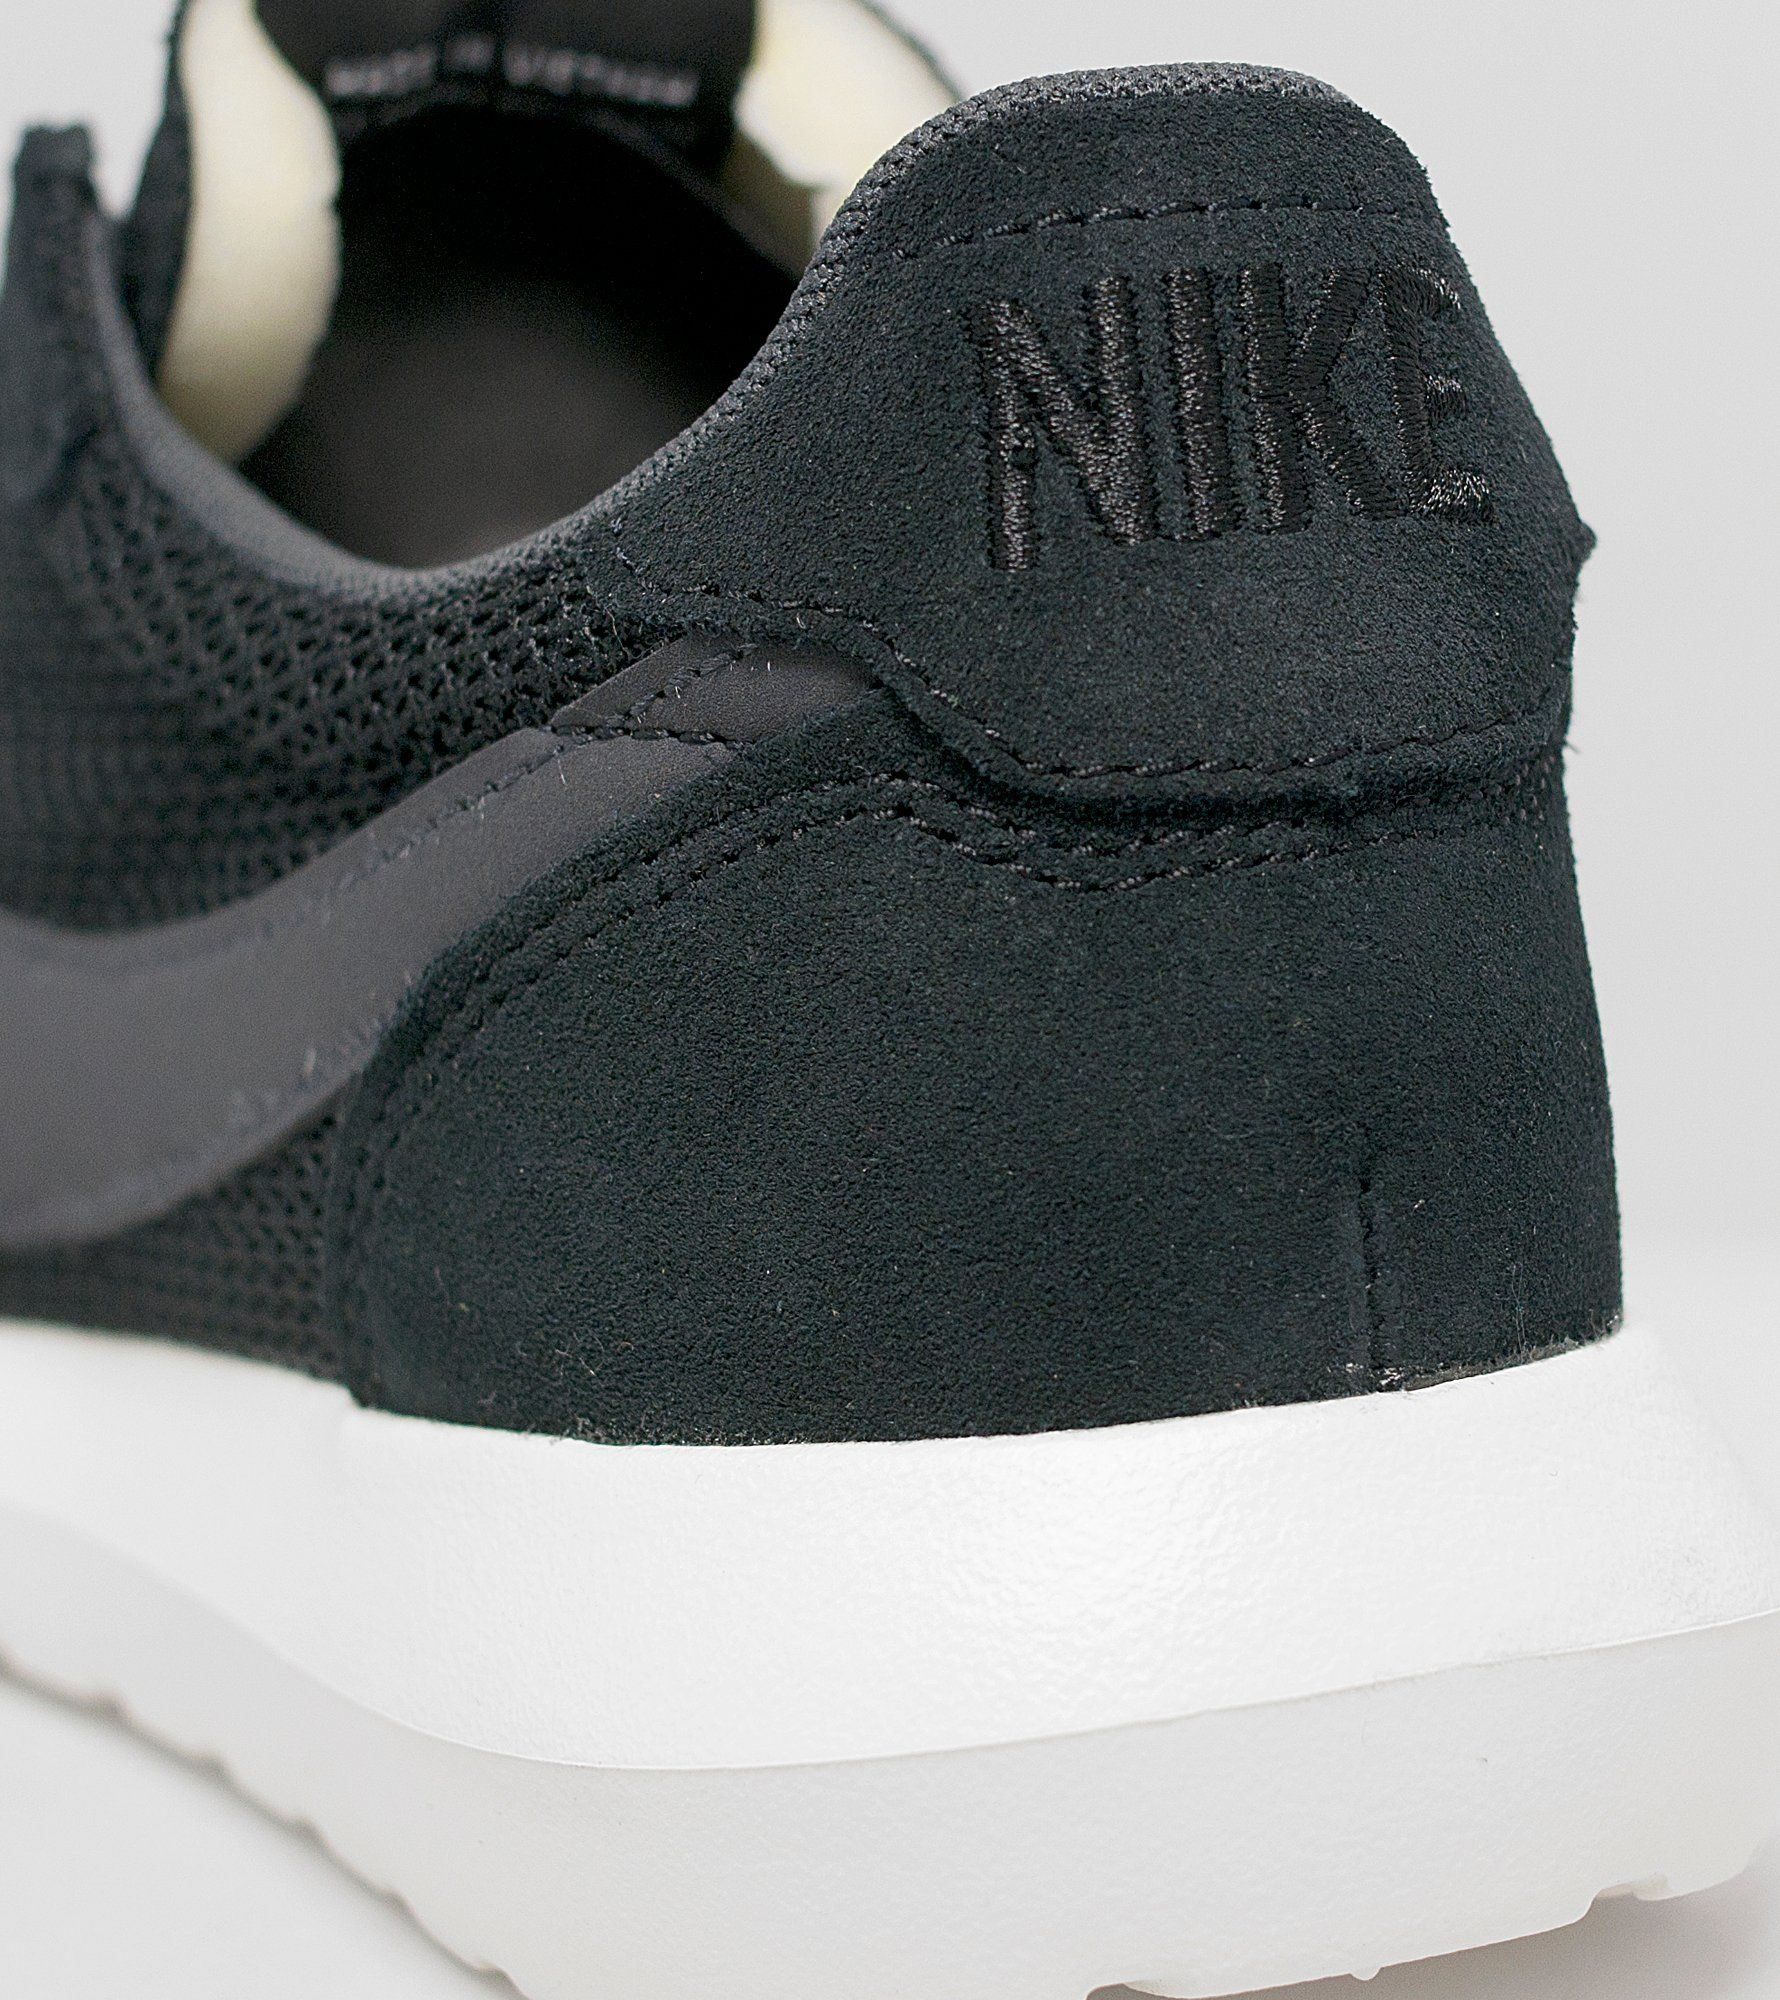 hizgy Nike Roshe LD-1000 | Size?